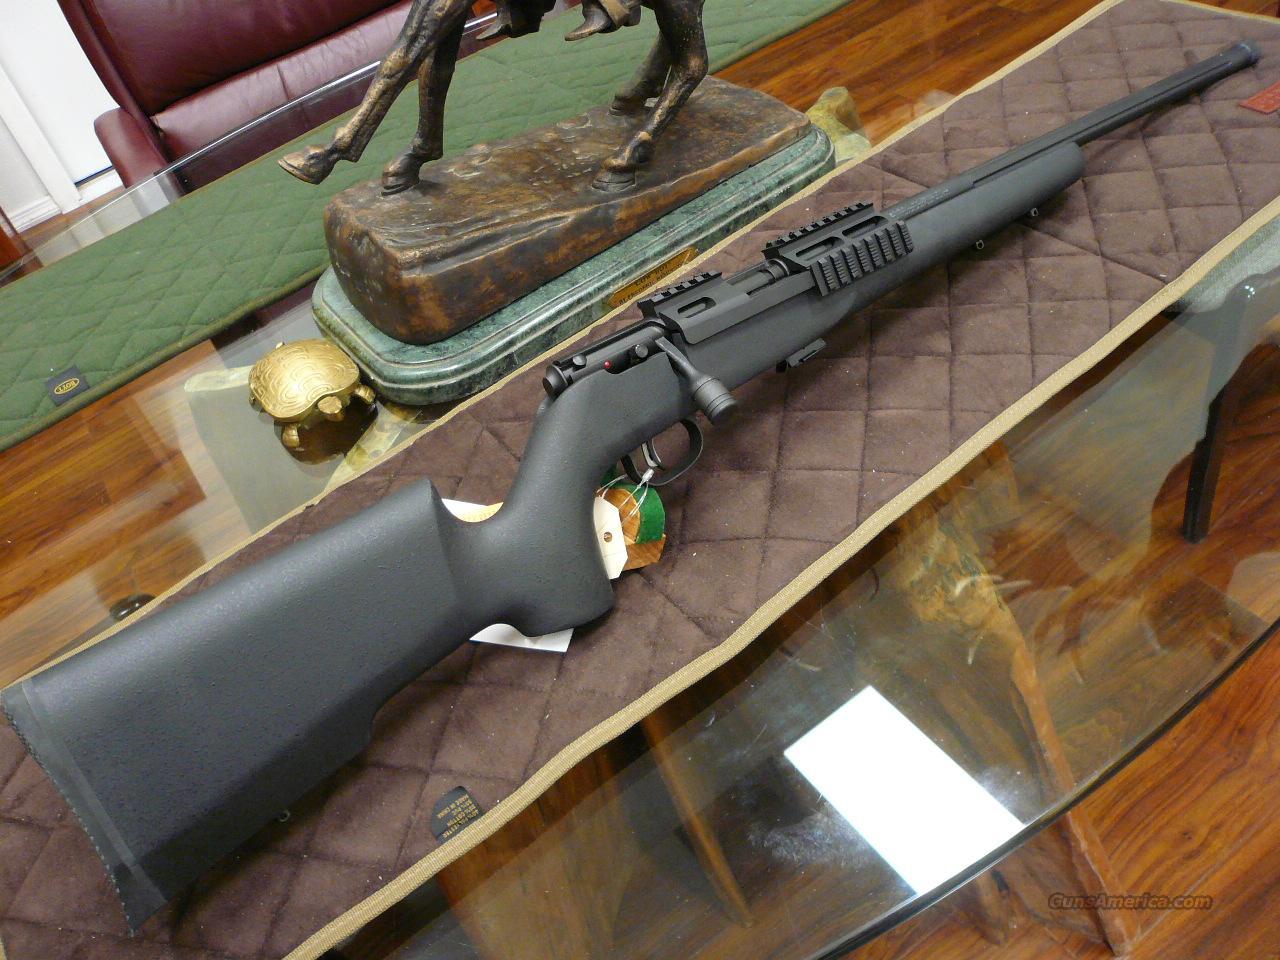 MK II TACTICAL 22Lr  Guns > Rifles > Savage Rifles > Accutrigger Models > Tactical